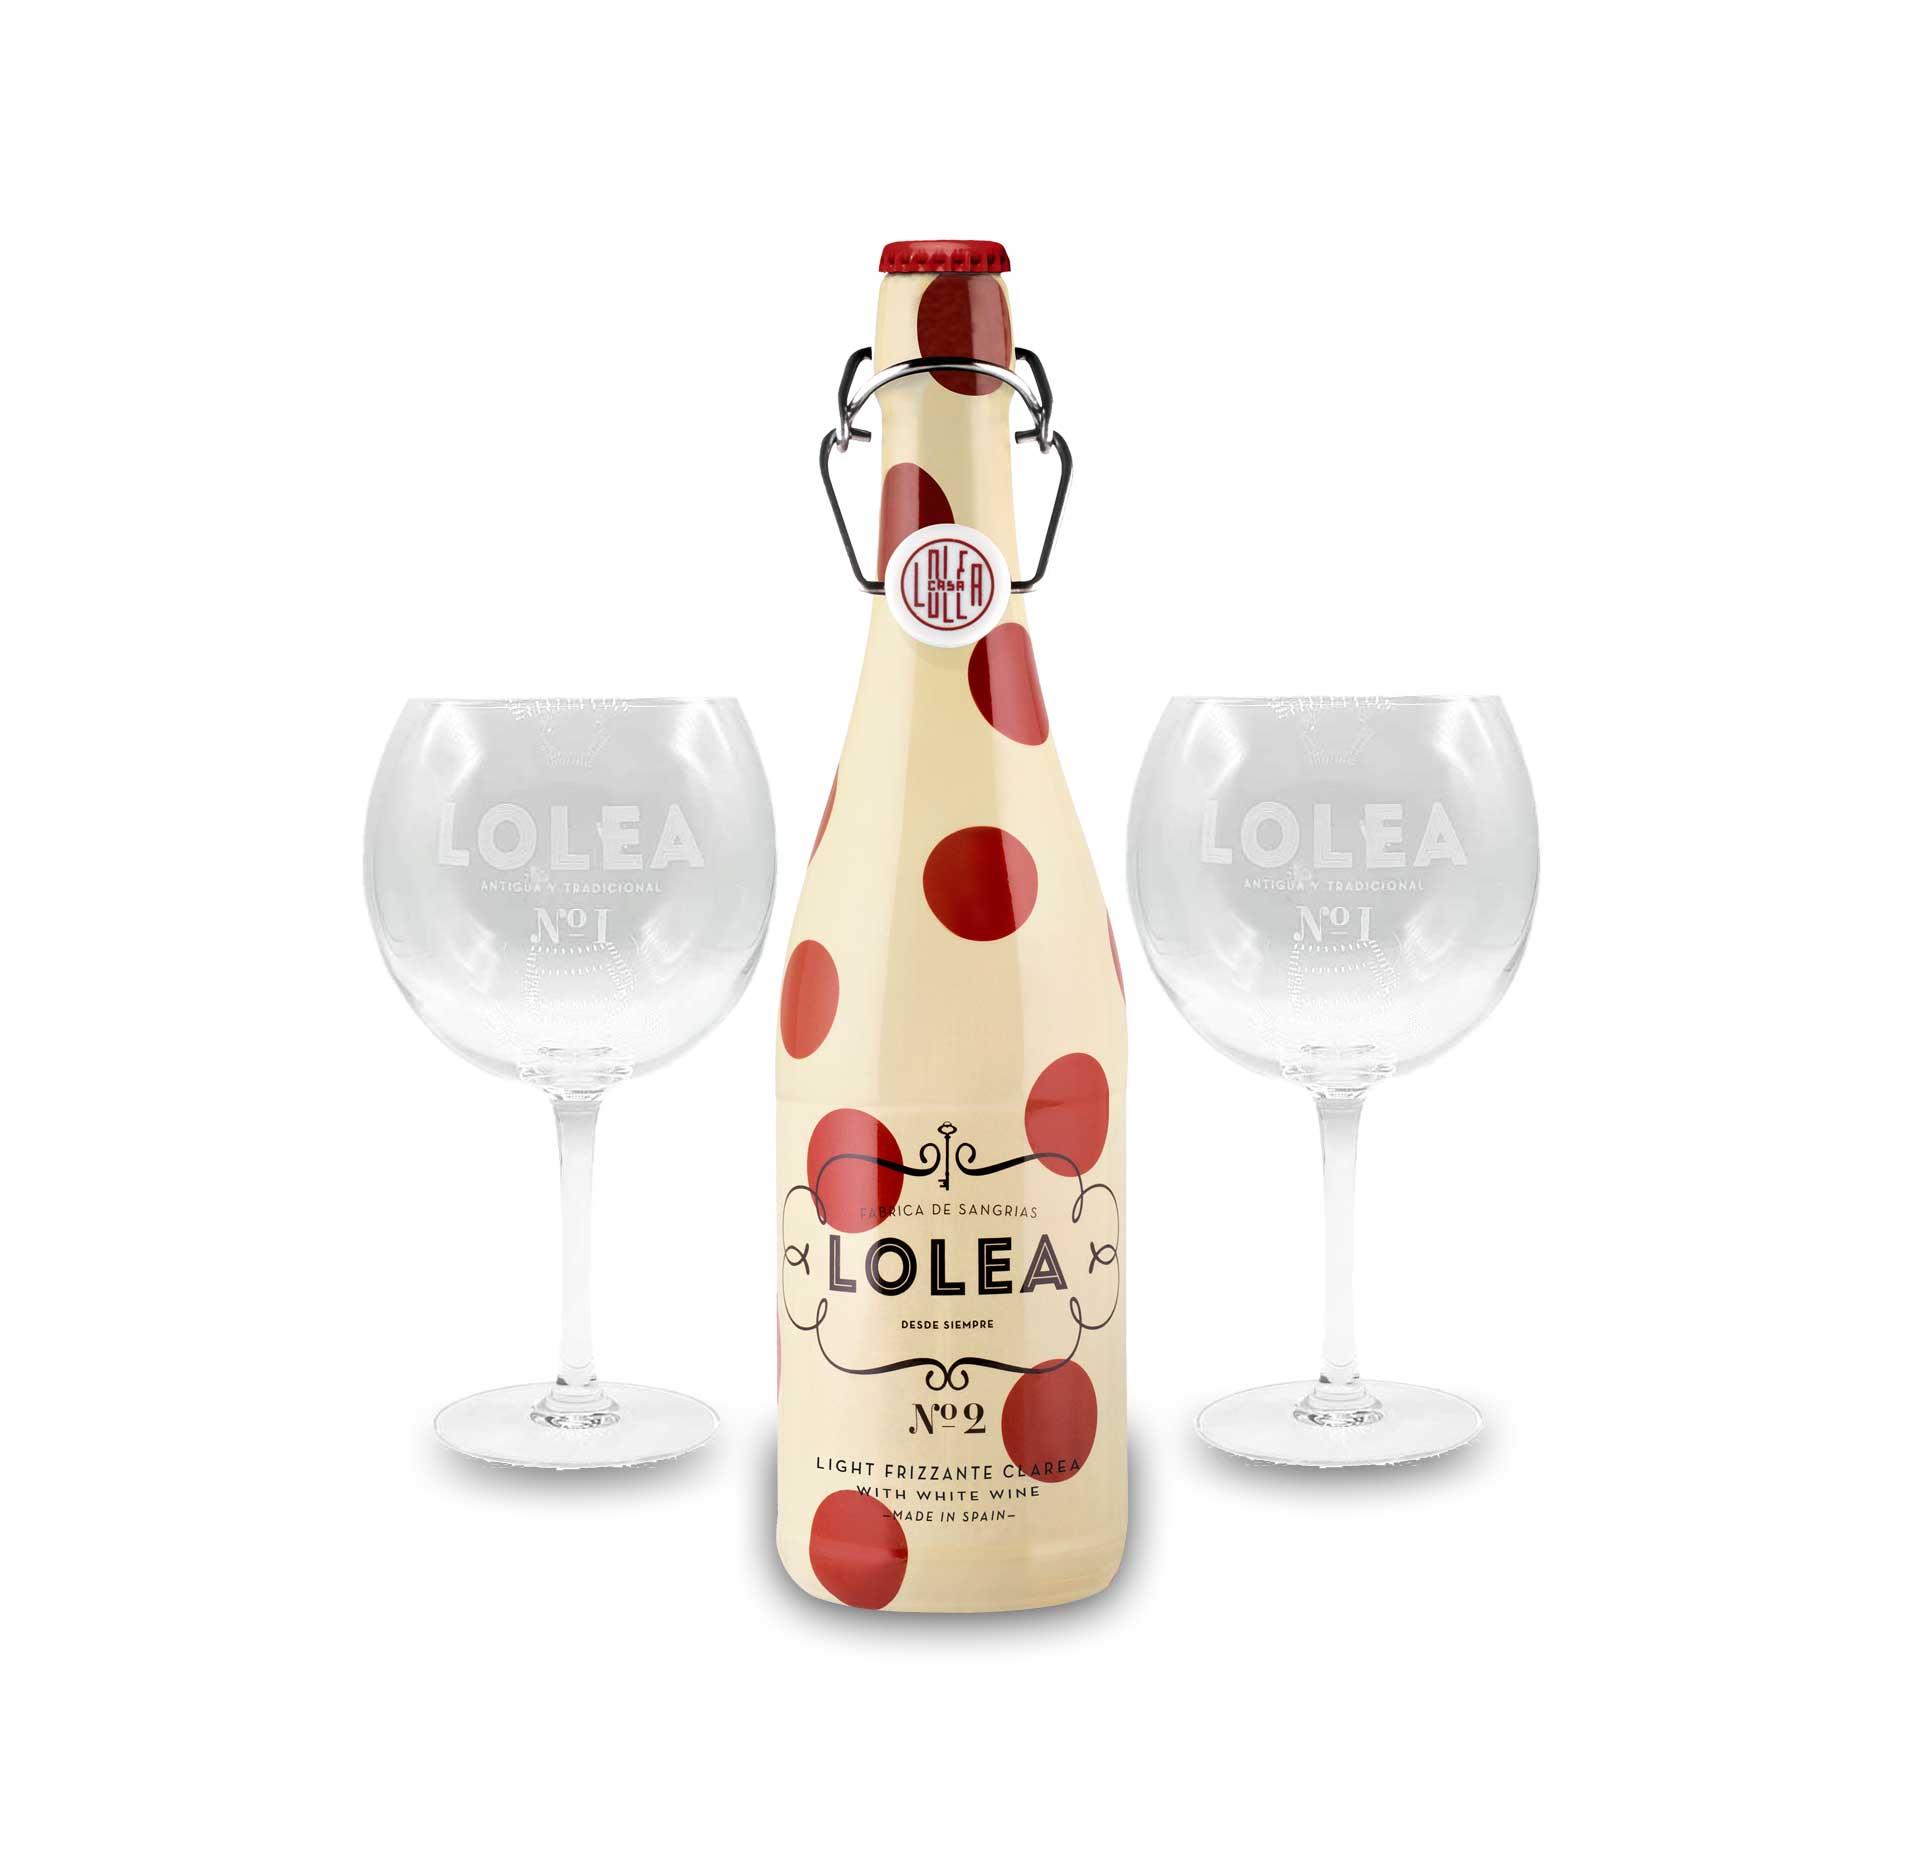 Lolea Set - 2 Ballongläser + Lolea Sangria N°2 WEIß 0,75L (7% Vol) Weißwein Sangria Chardonnay, Macabeo Trauben- [Enthält Sulfite]